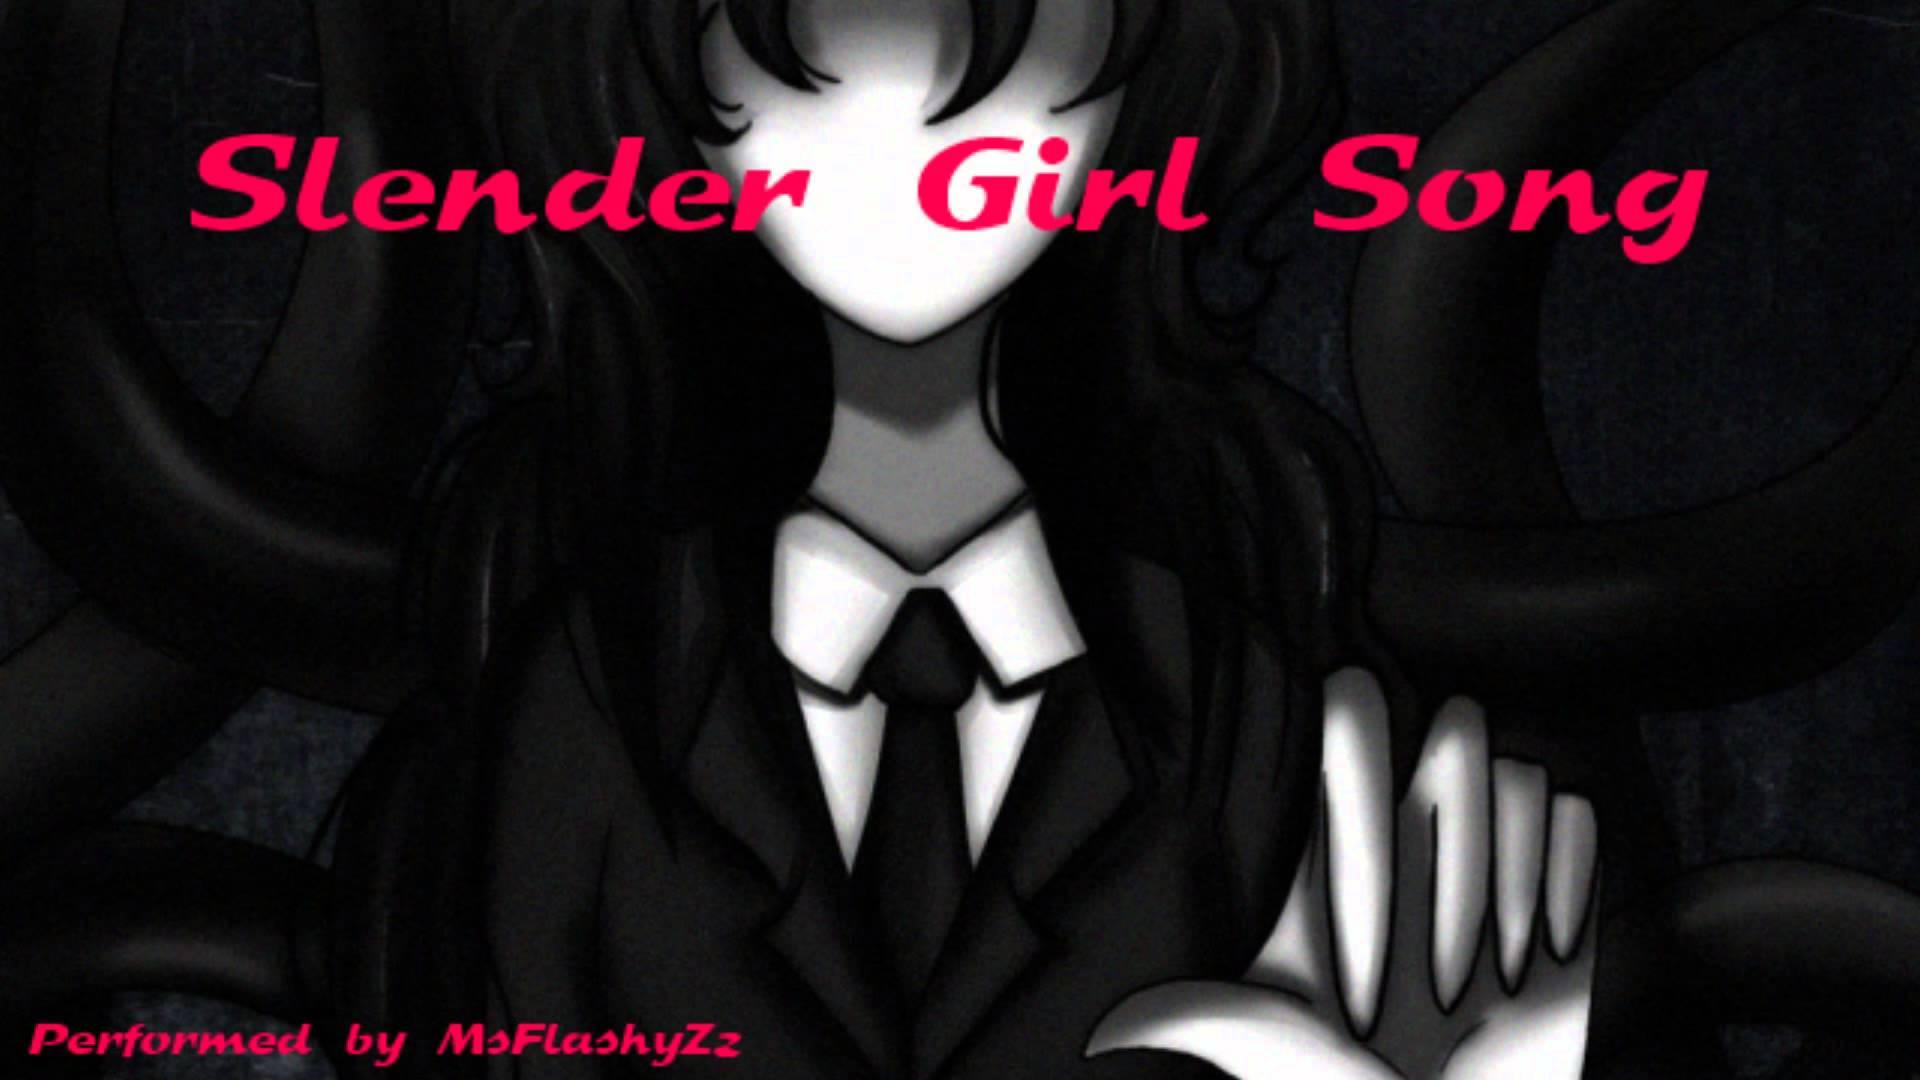 Slender Girl Song - YouTube